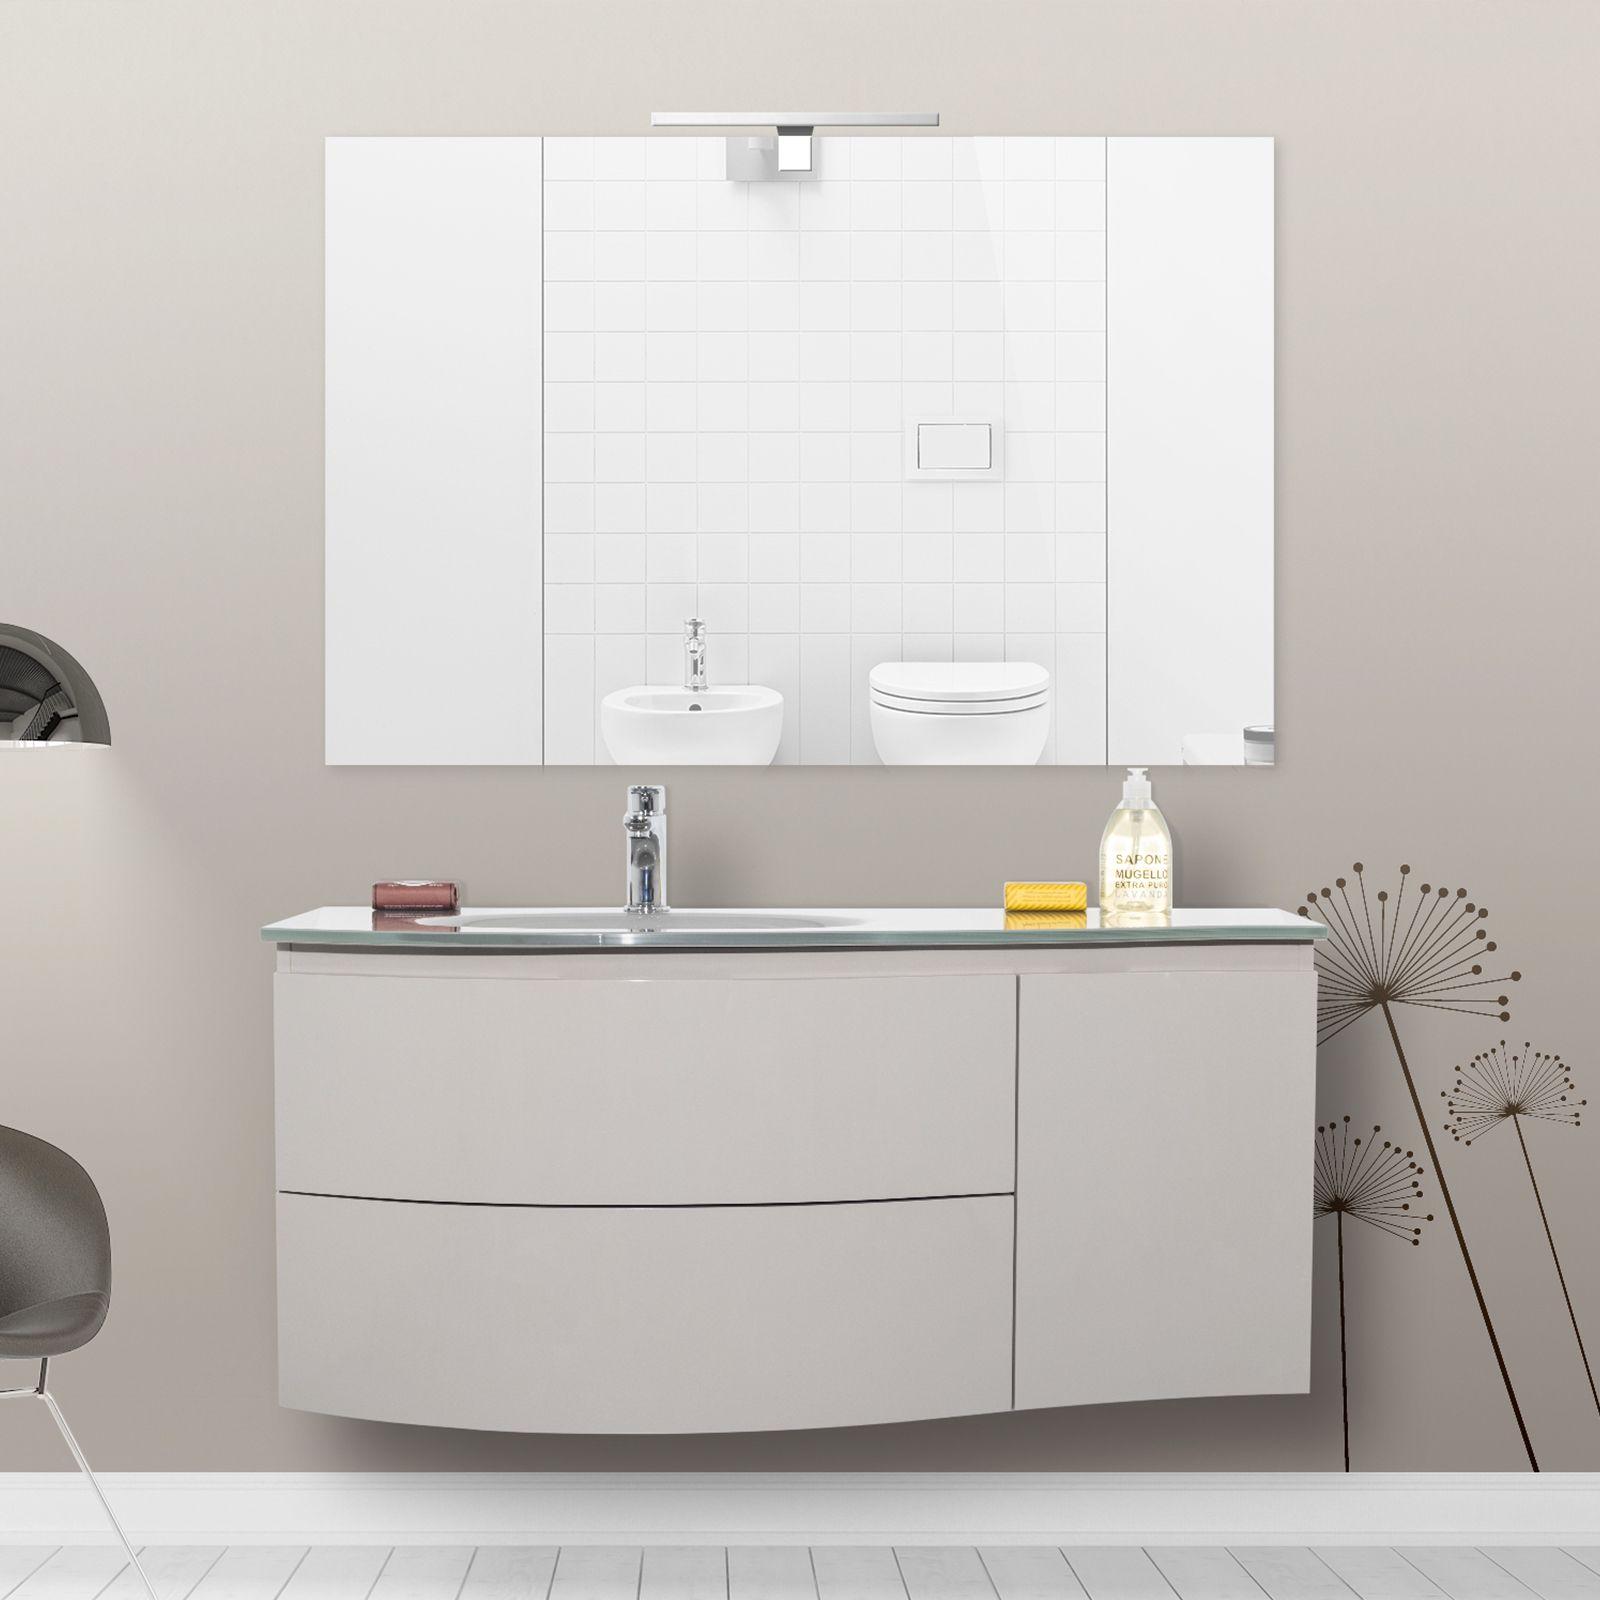 Mobile arredo da bagno 110 cm lavabo in cristallo - Mobili a colori ...